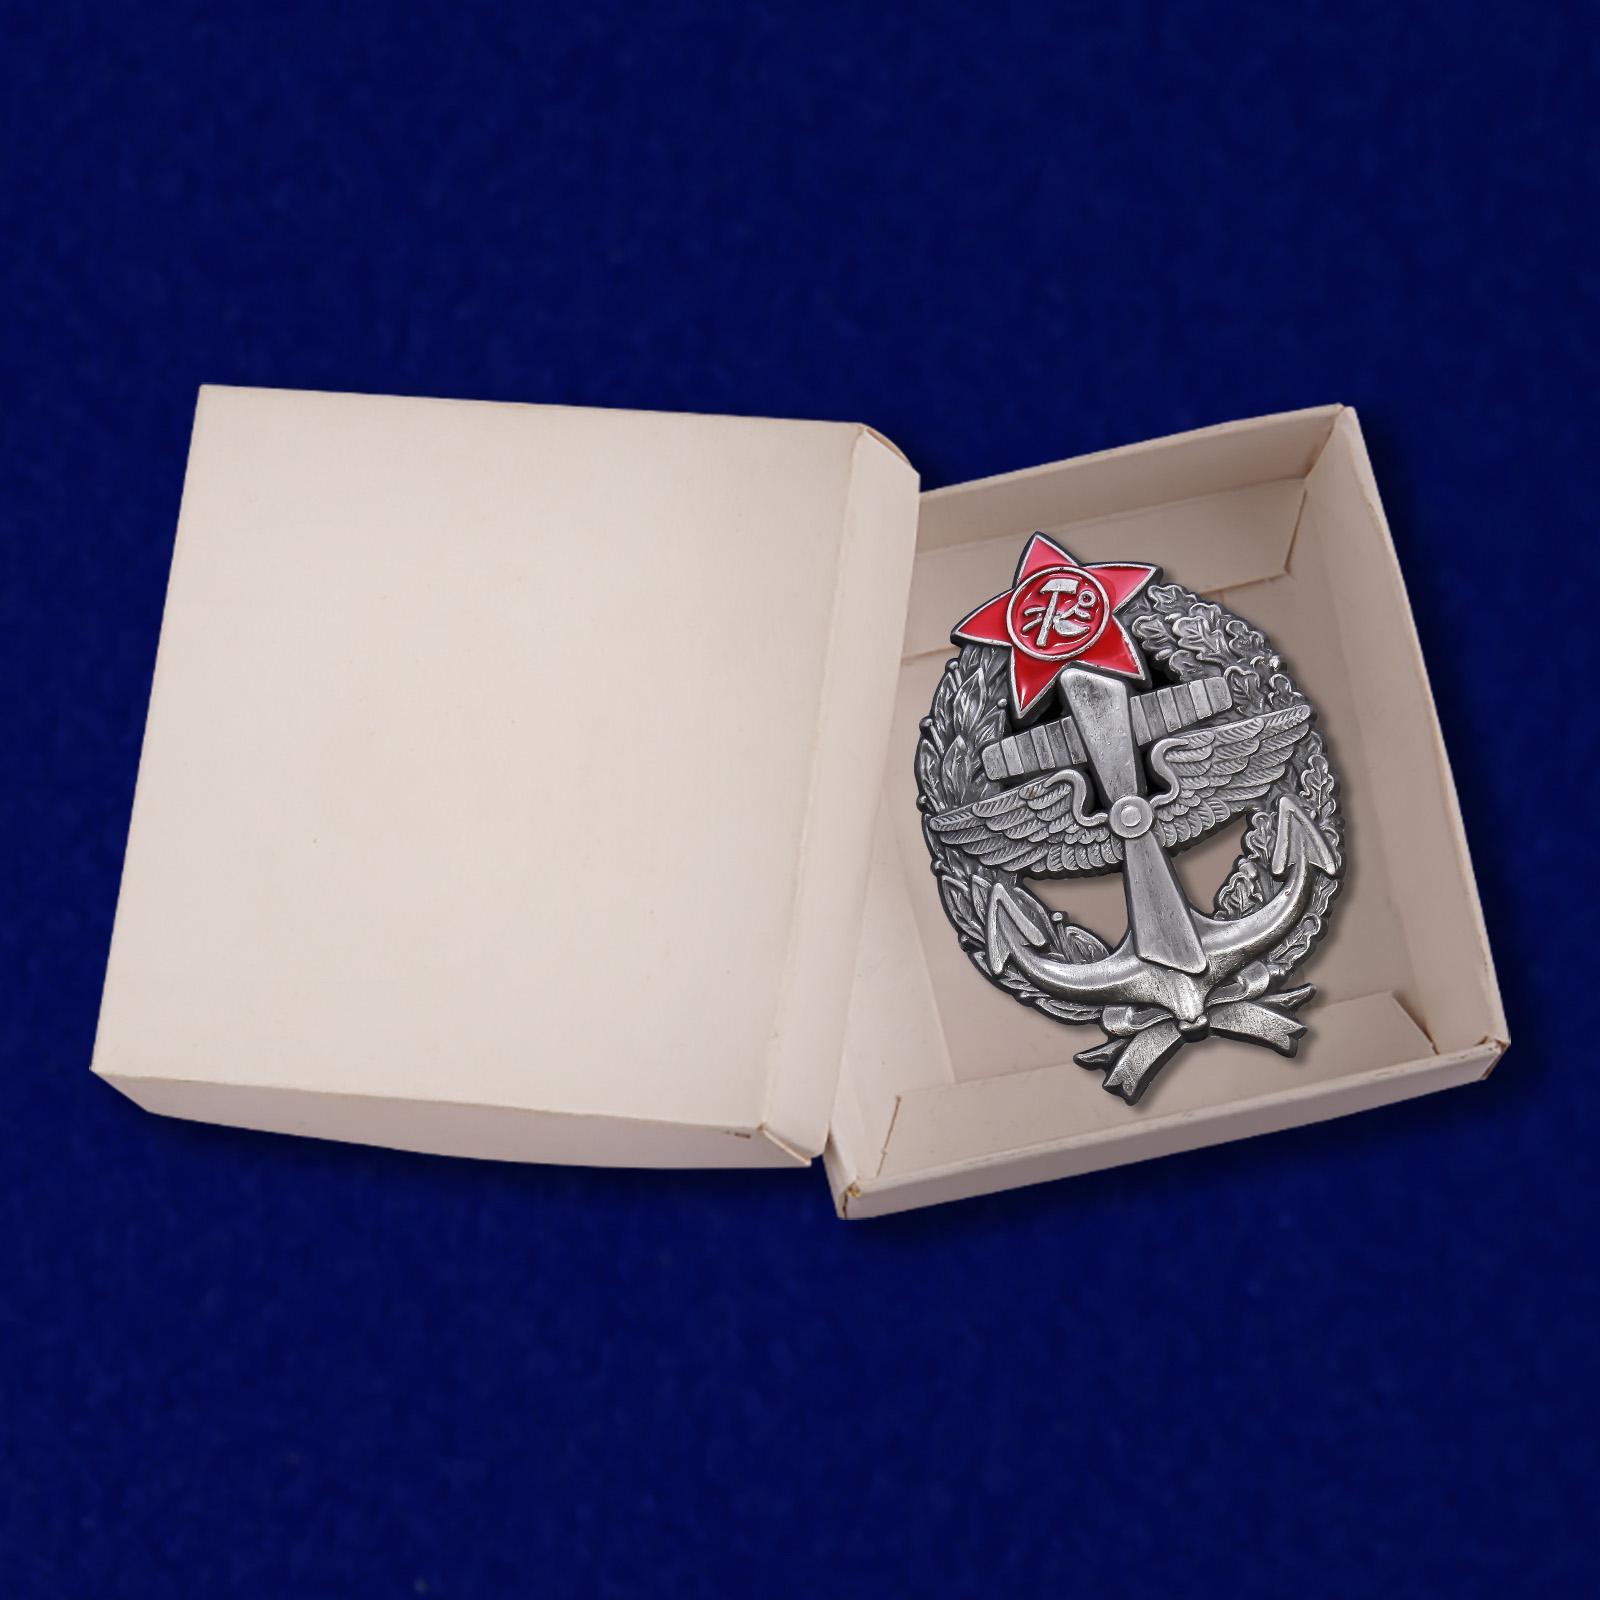 Знак Красного командира - морского лётчика с доставкой